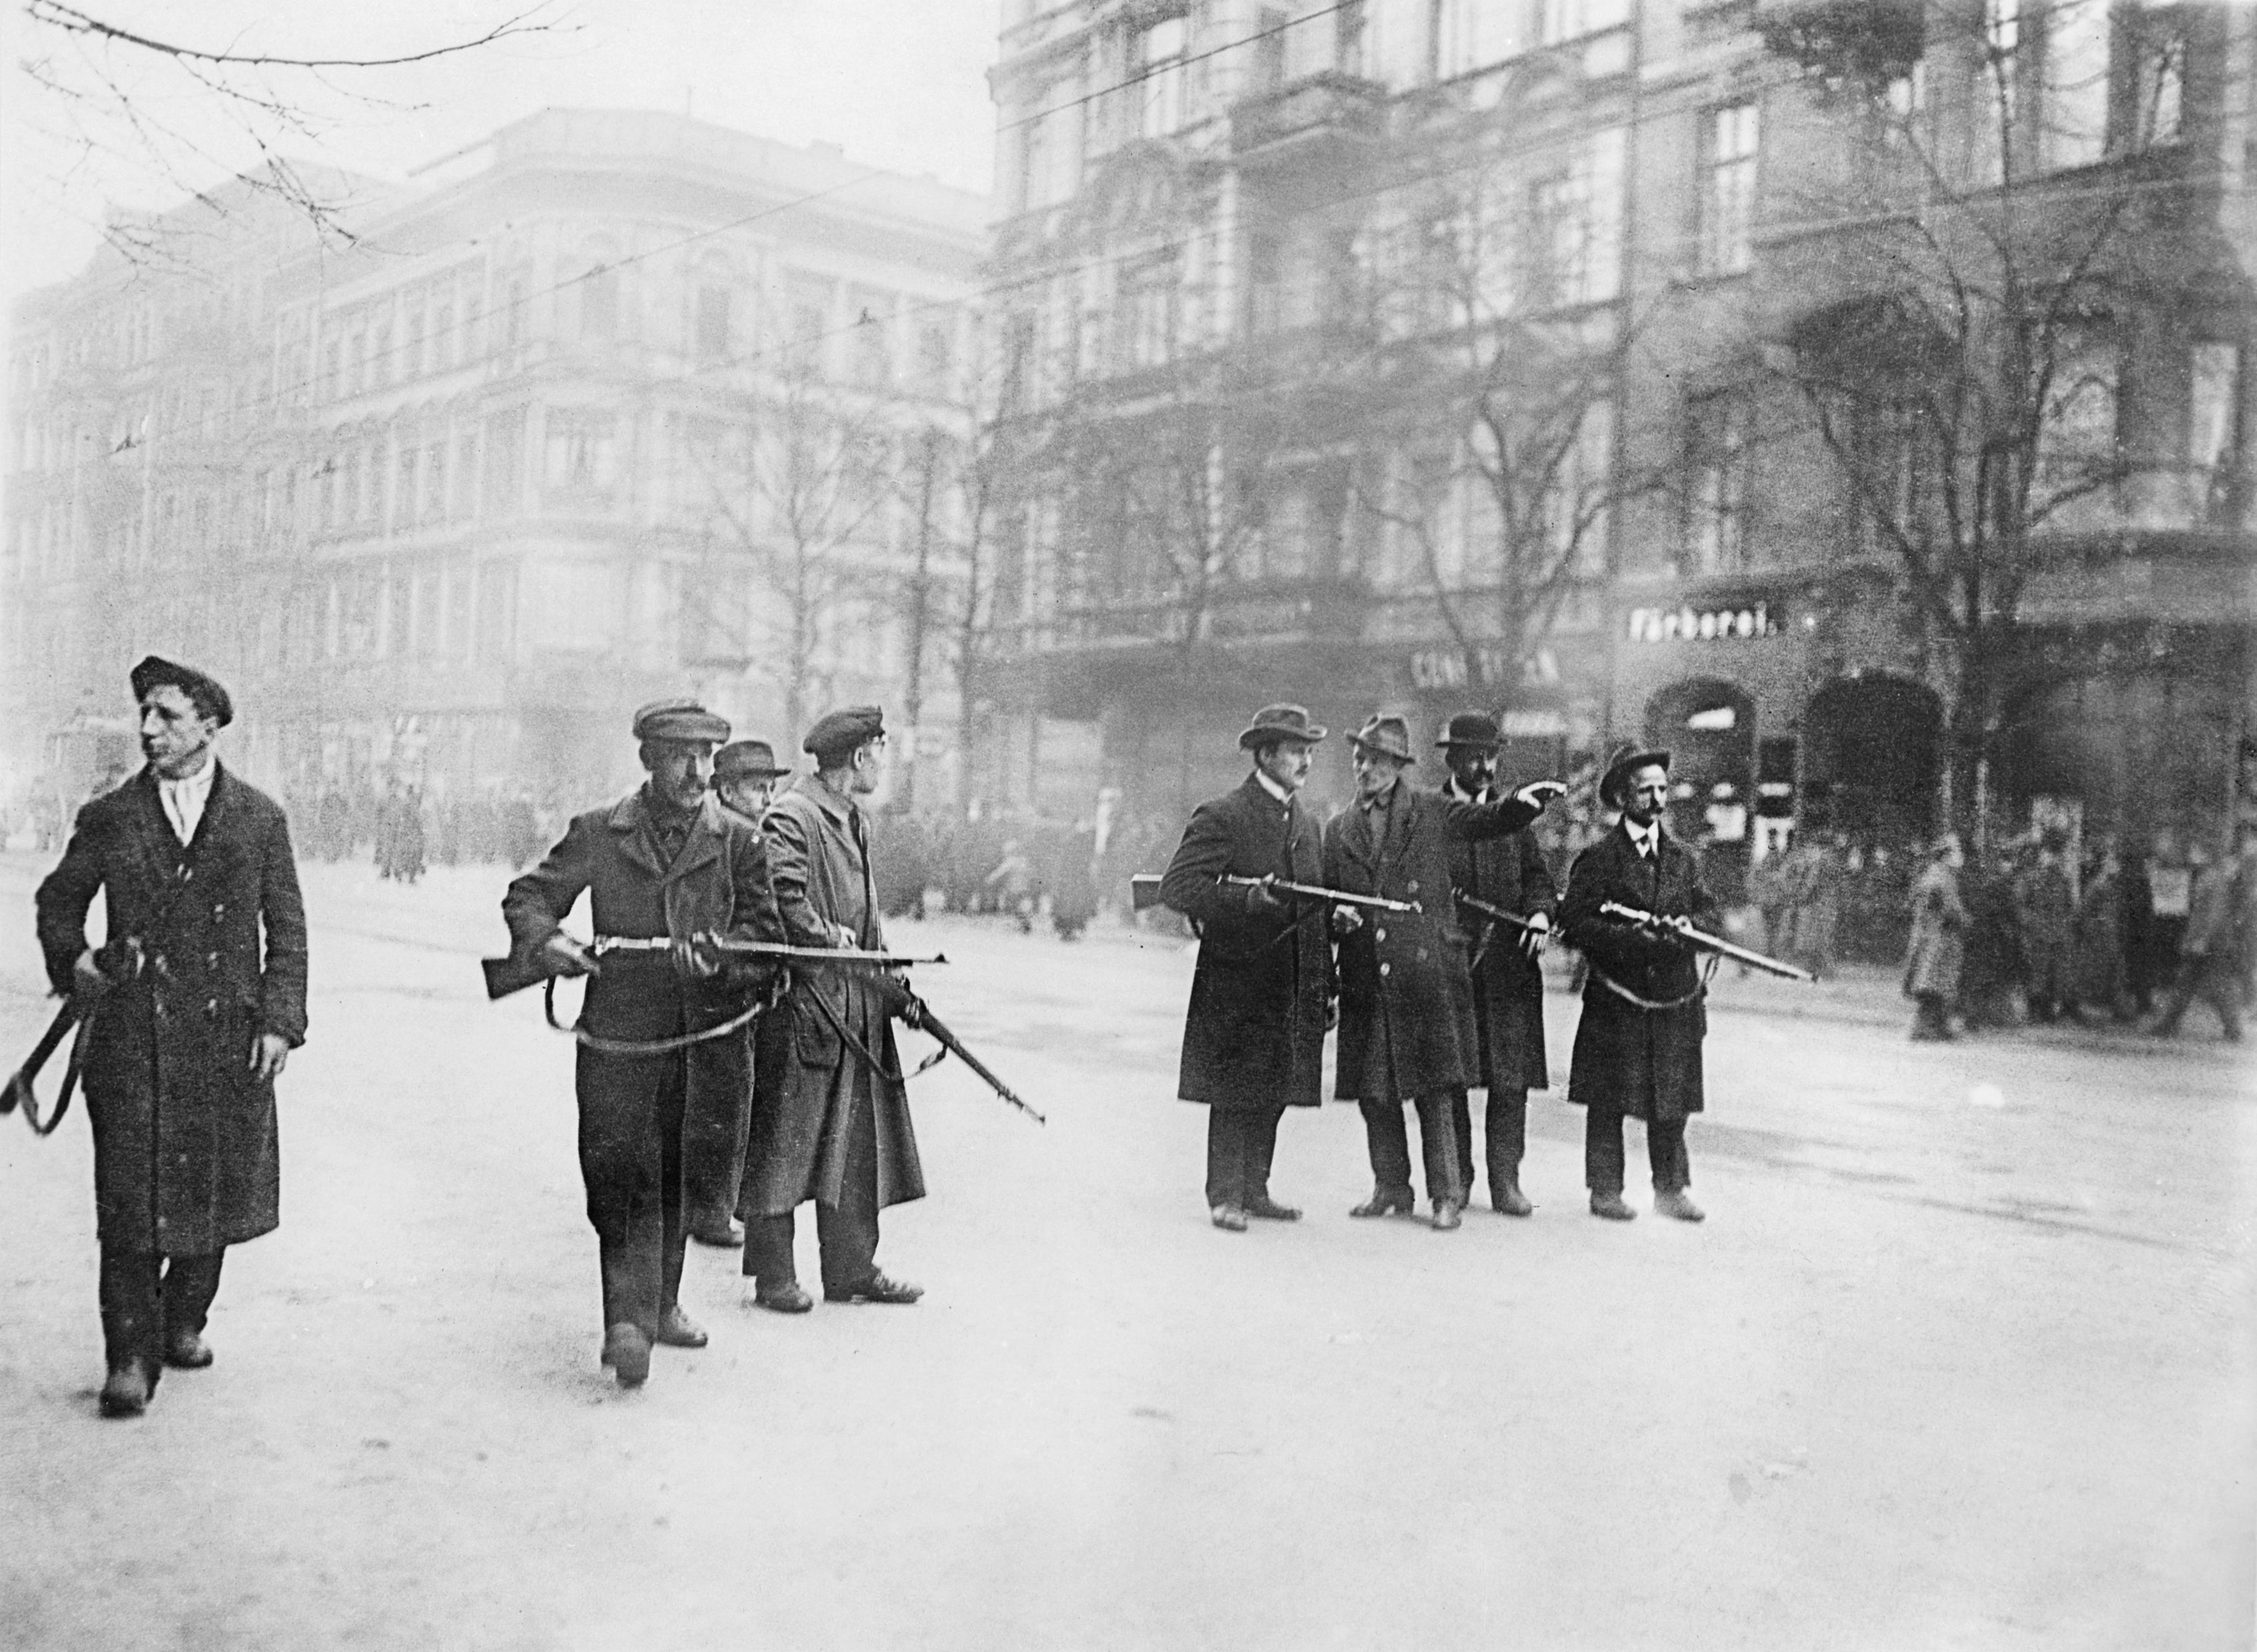 schwarz-weiß-foto von 1919